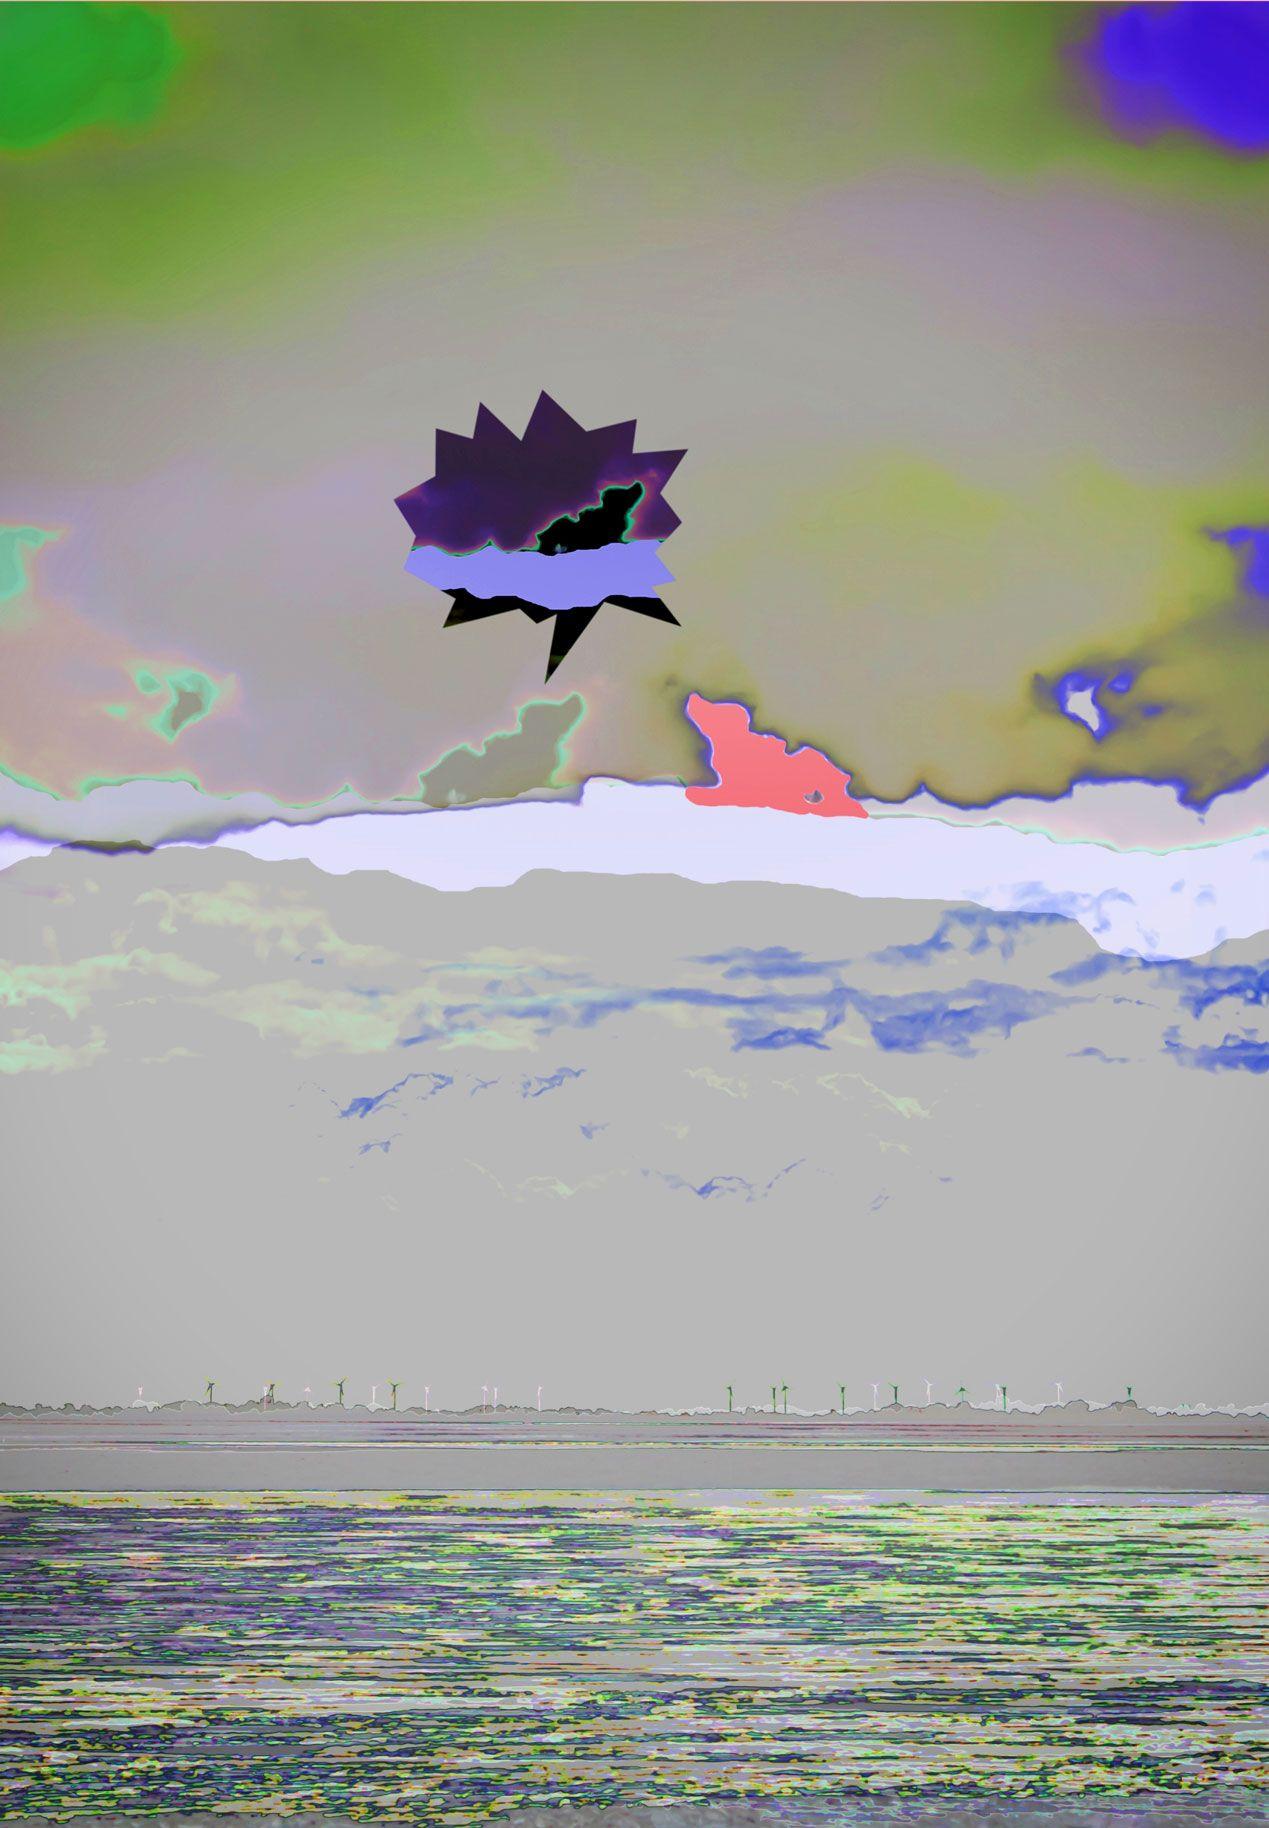 Bei der Bearbeitung entstand zufällig ein Umriß, der aussieht wie ein Zwerg auf der Wolke und wurde zum Thema dieses Bildes. DigitalArt 1